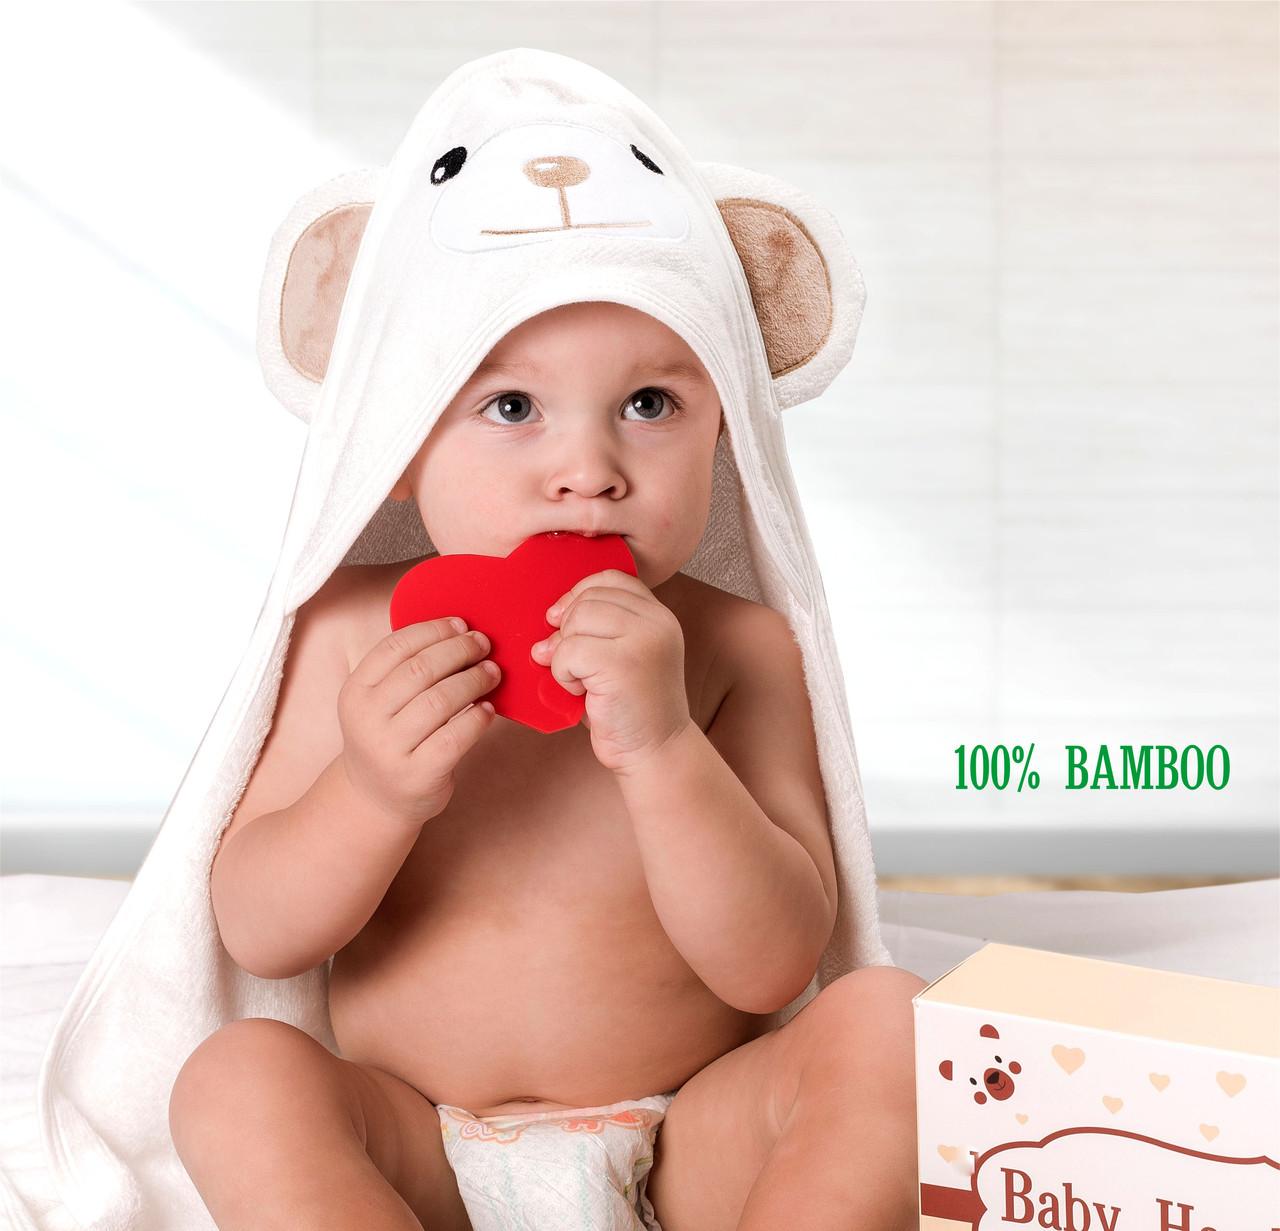 Премиальное Детское Полотенце с Капюшоном - Полотенце Уголок (от 0- 5 Лет) -Банное Полотенце - Бонус:Мочалка